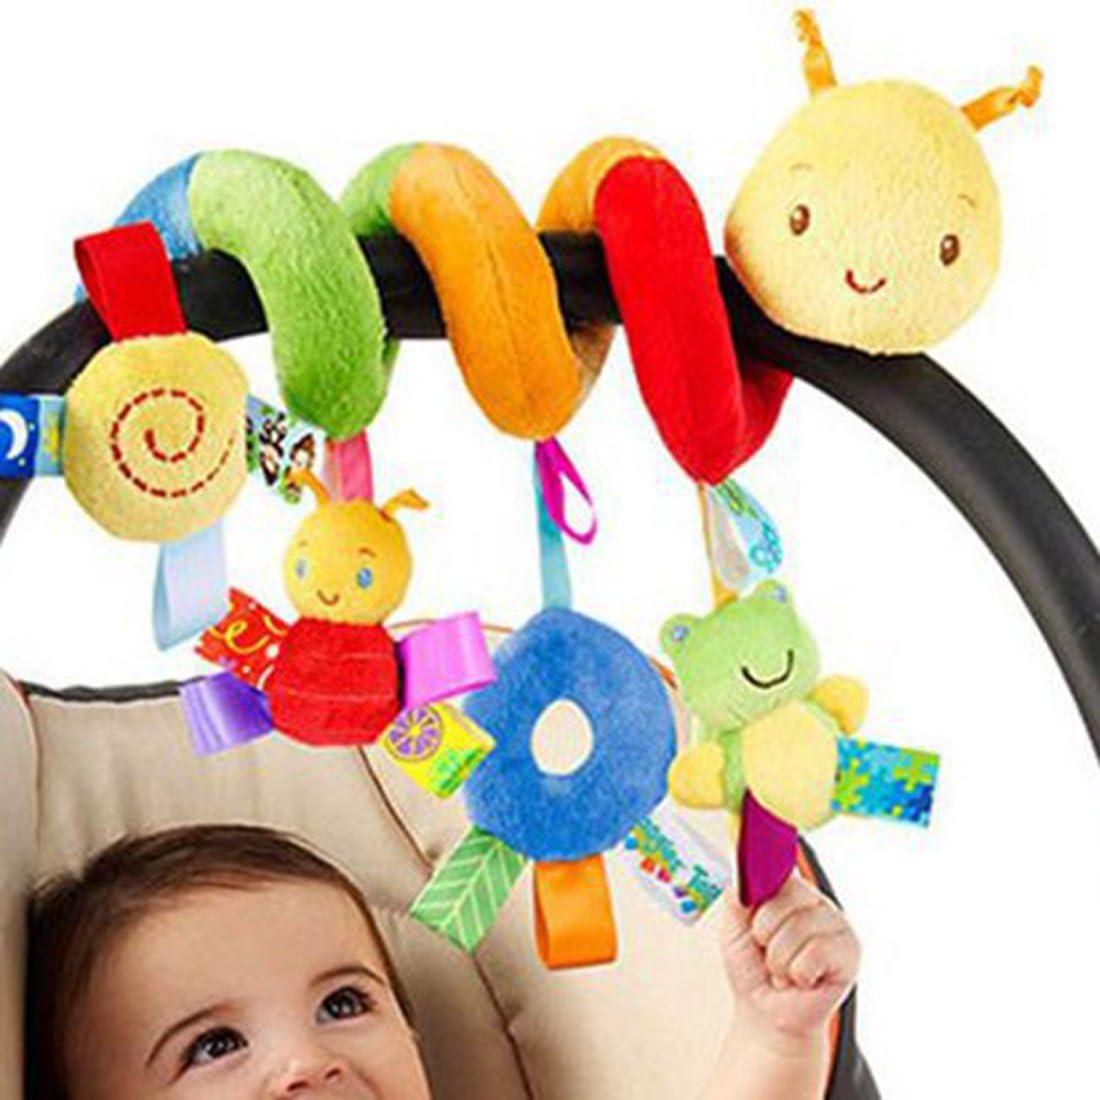 OuYou Espiral Actividades Colgar Juguetes del Cochecito de Bebé Juguetes Carro Asiento Cochecito Juguete con Campana de Timbre